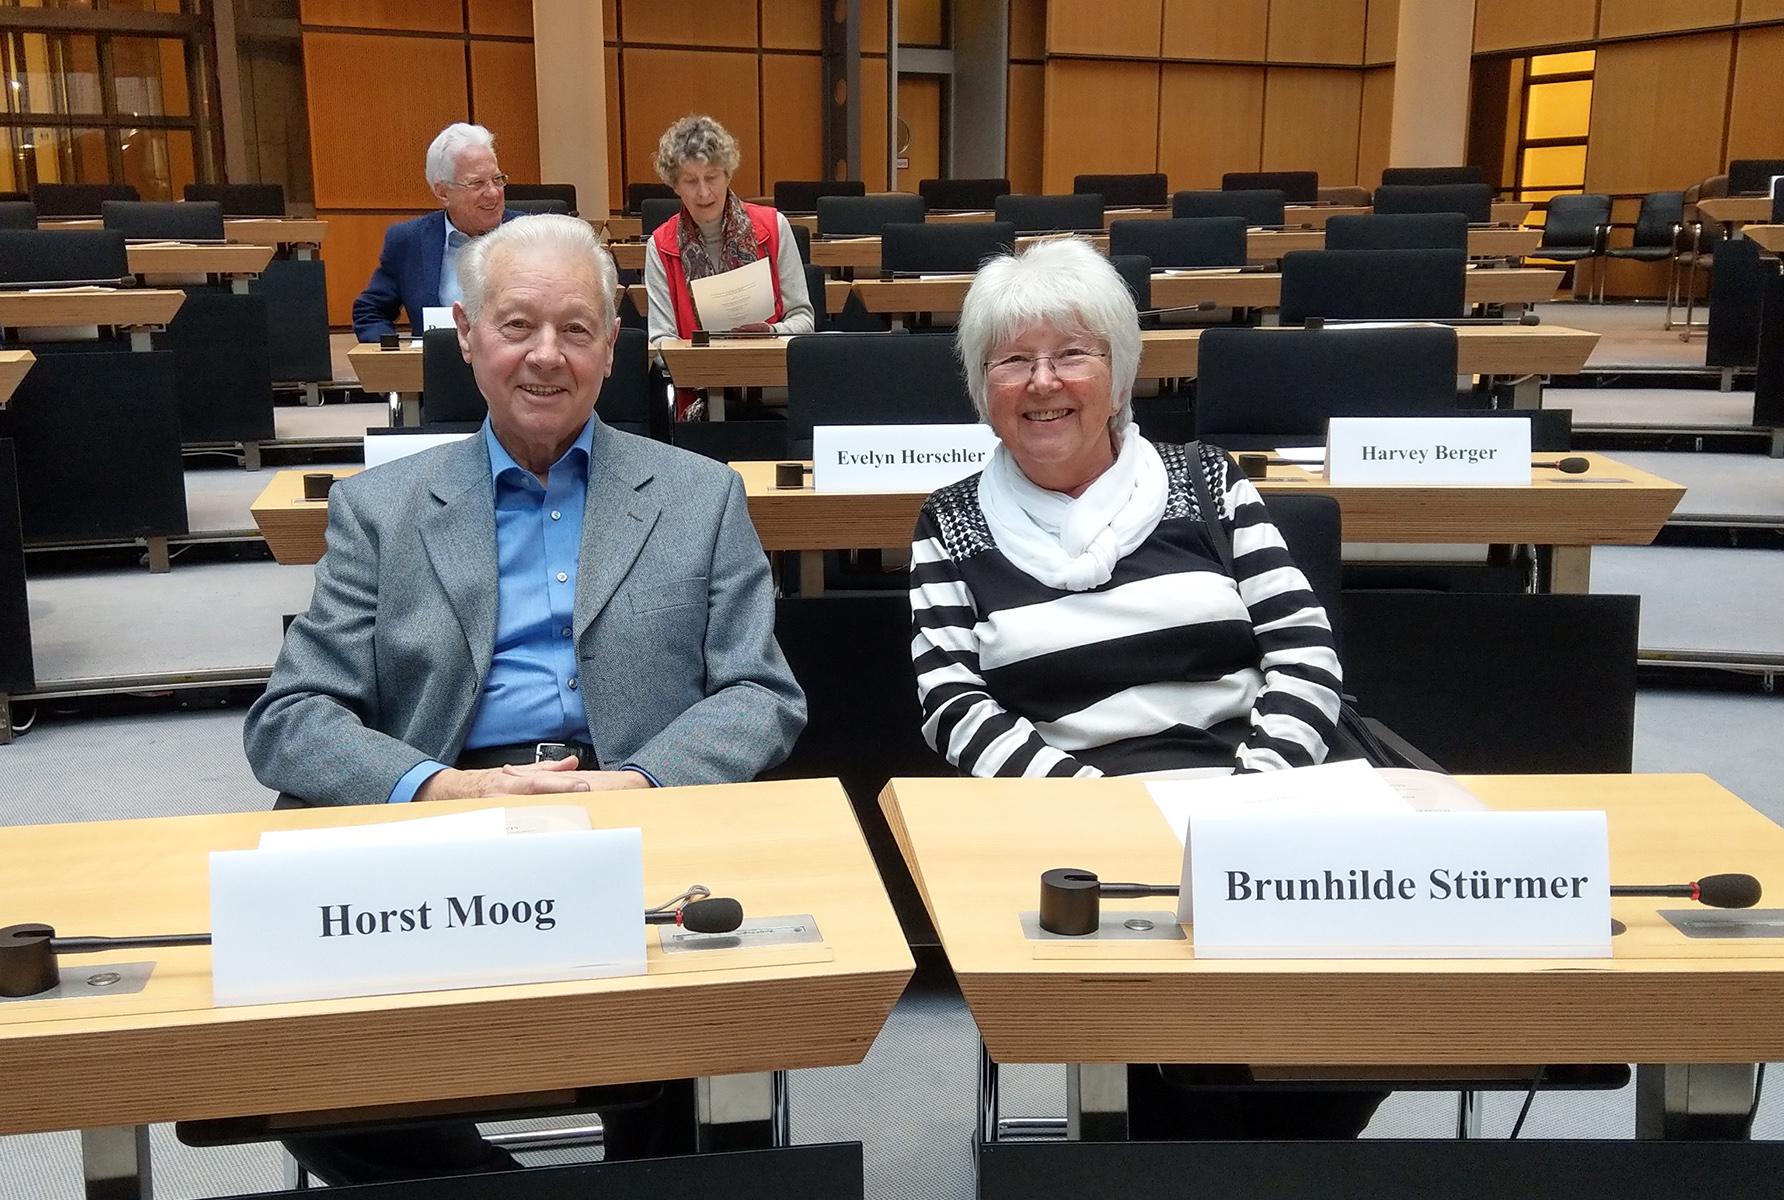 Horst Moog with Brunhilde Stürmer